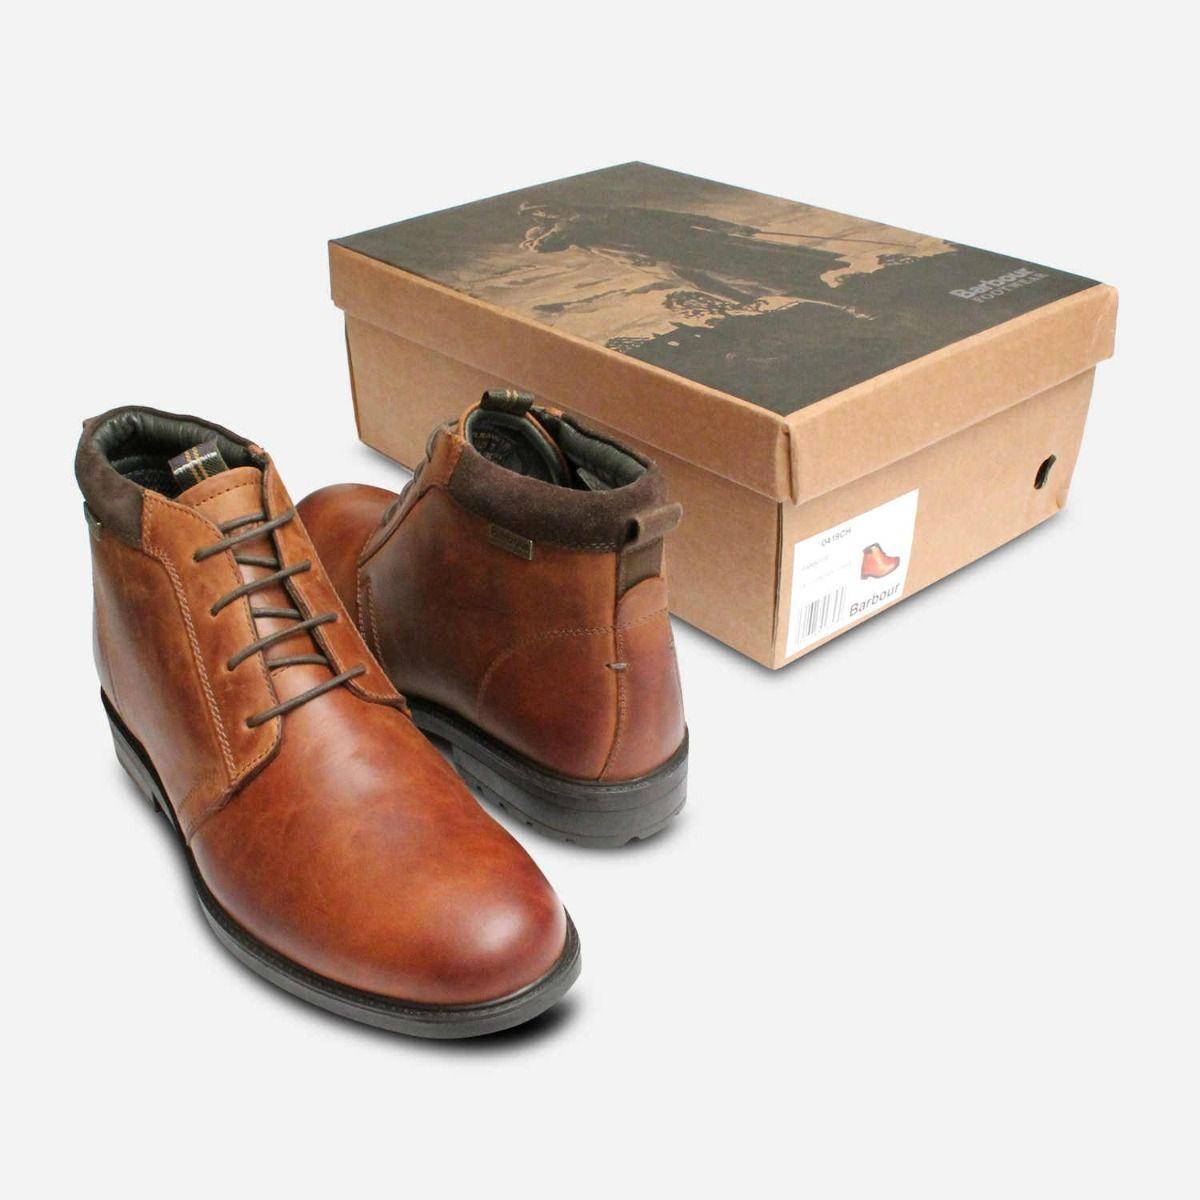 Barbour Kielder Weather Comfort Boots in Waxy Tan